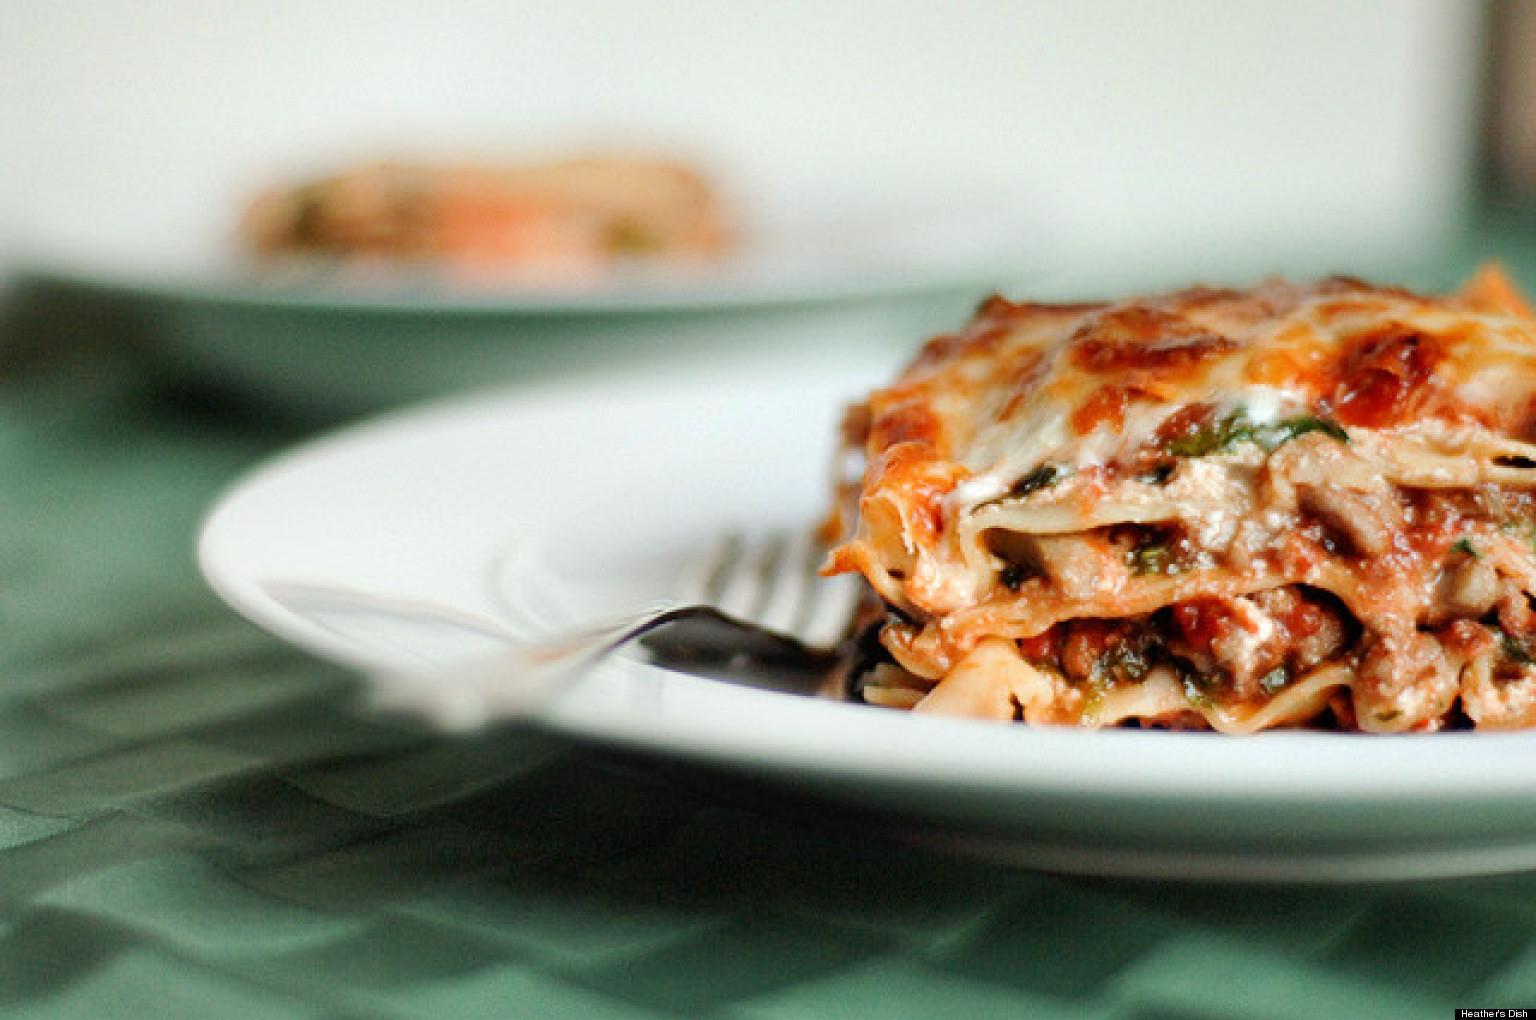 Healthy Lasagna Recipes  Healthy Lasagna Recipes PHOTOS